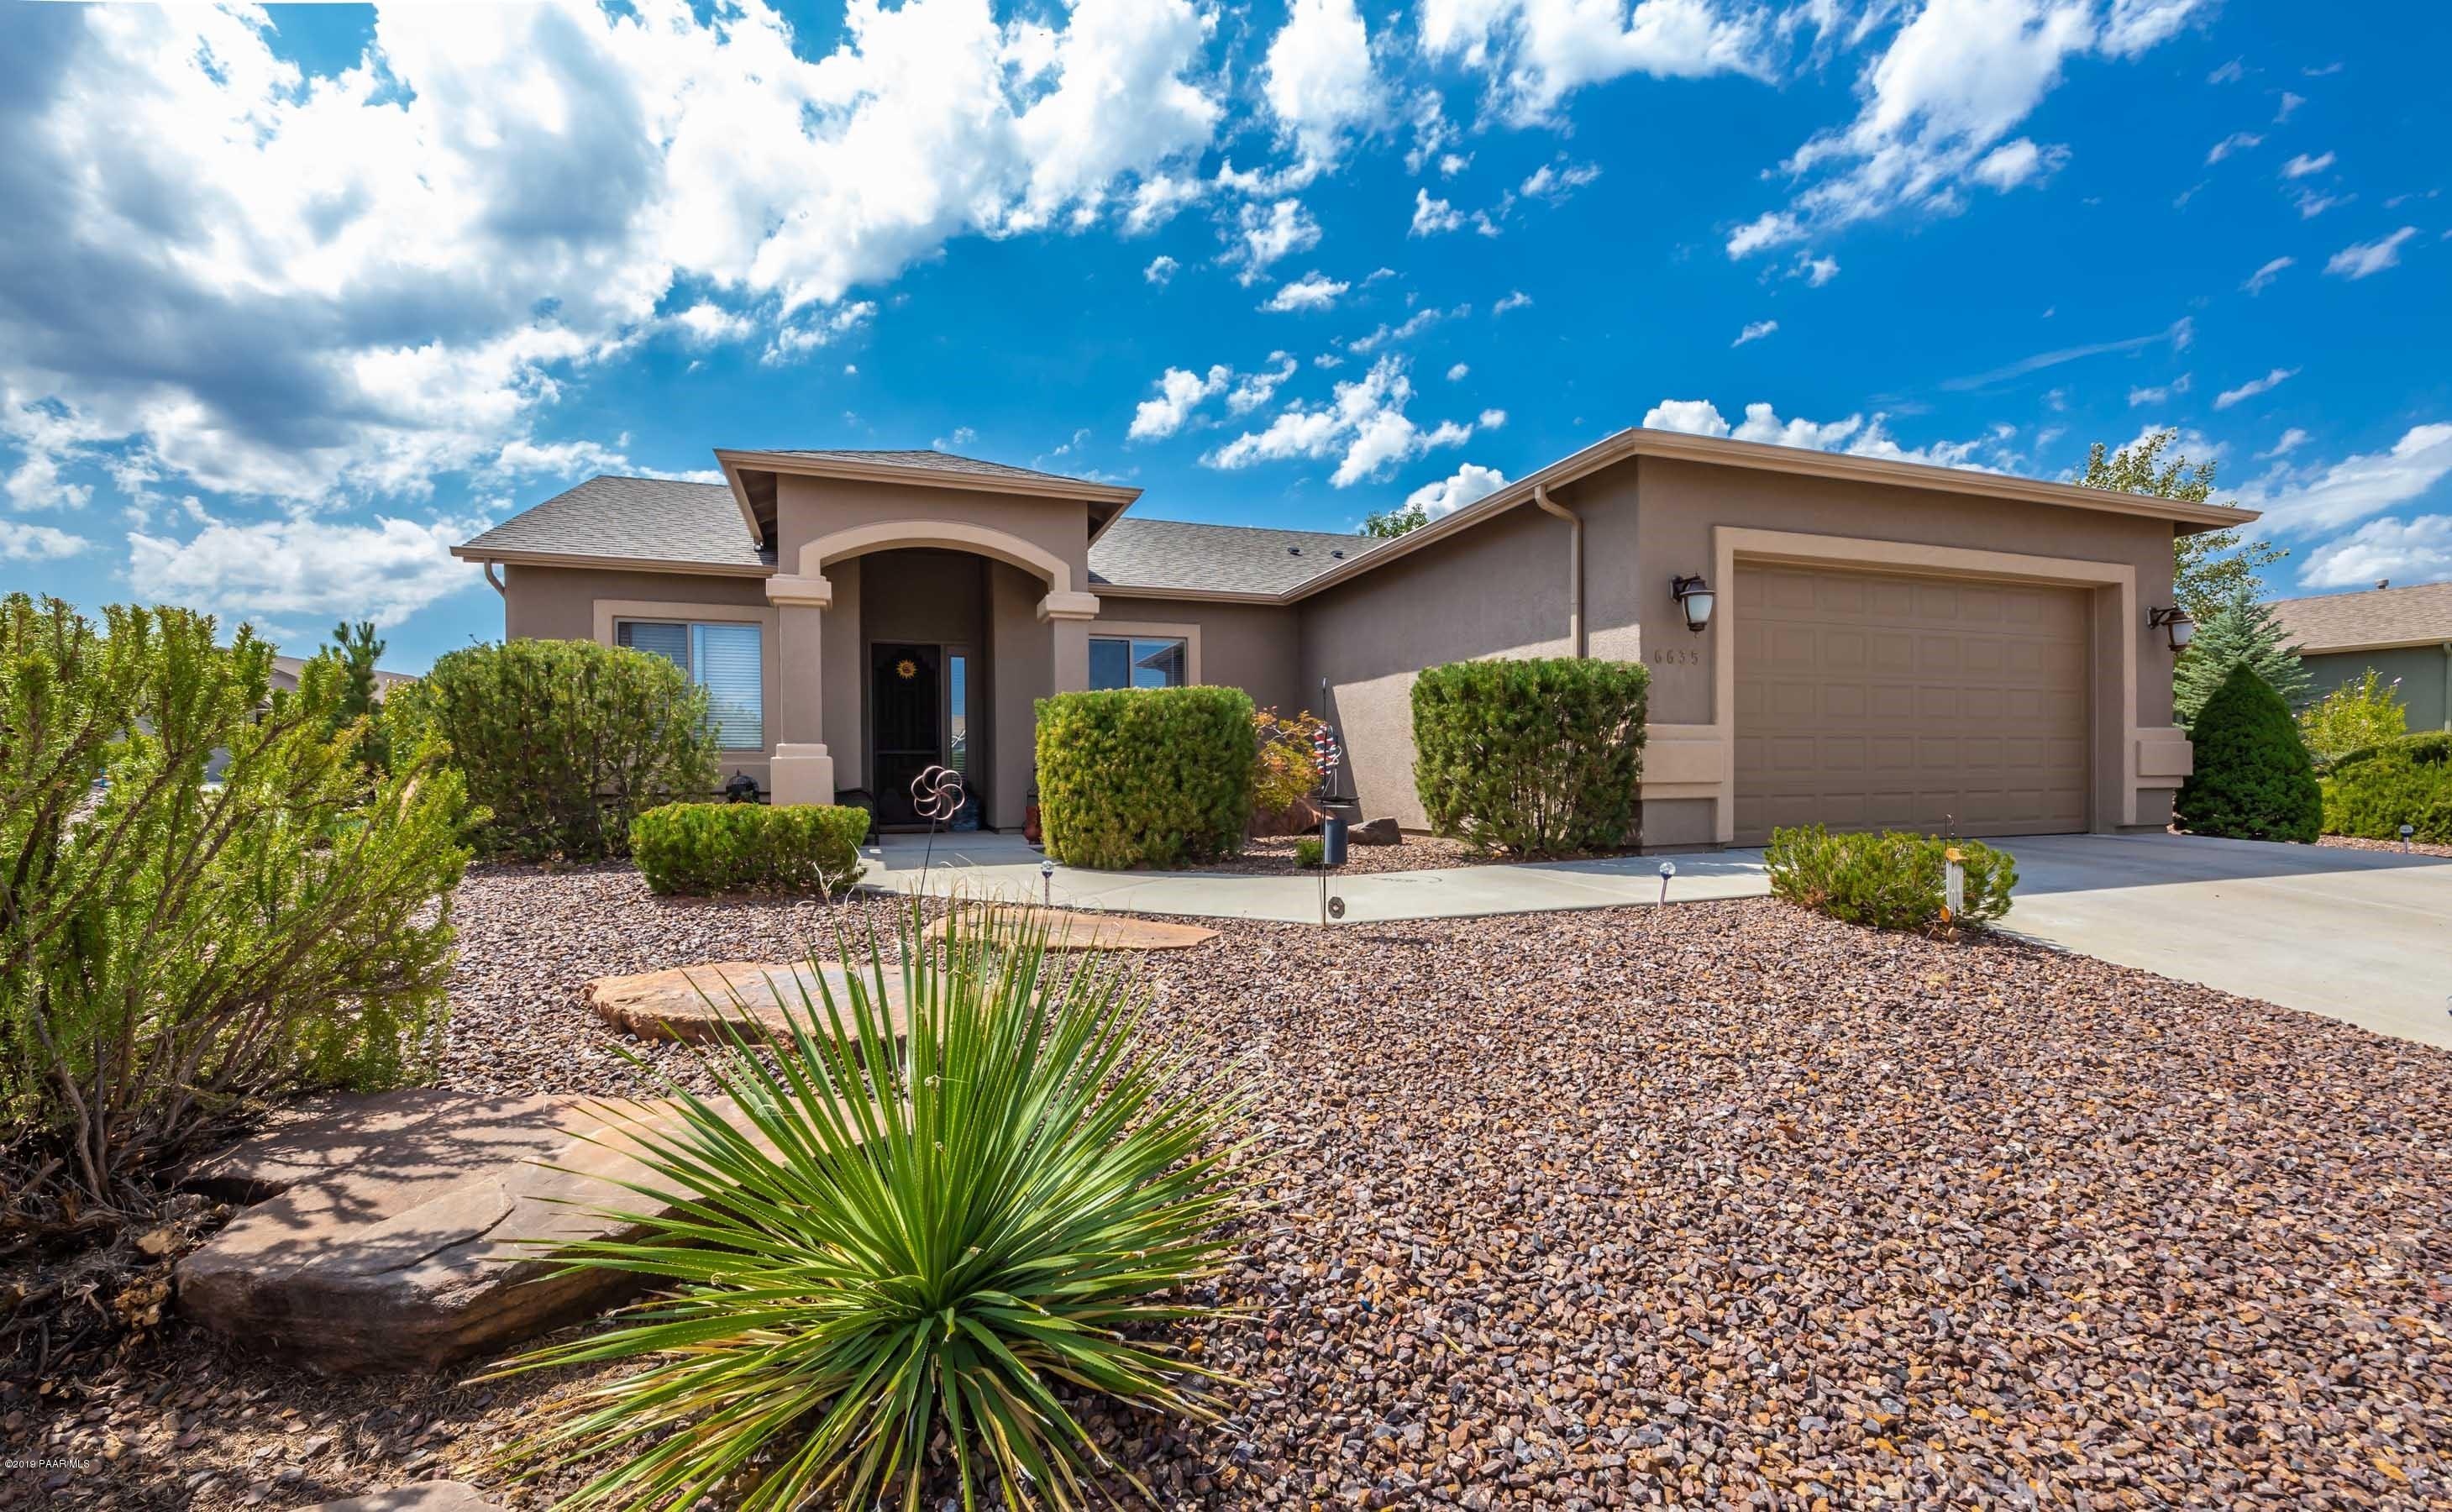 Photo of 6635 Margam, Prescott Valley, AZ 86314